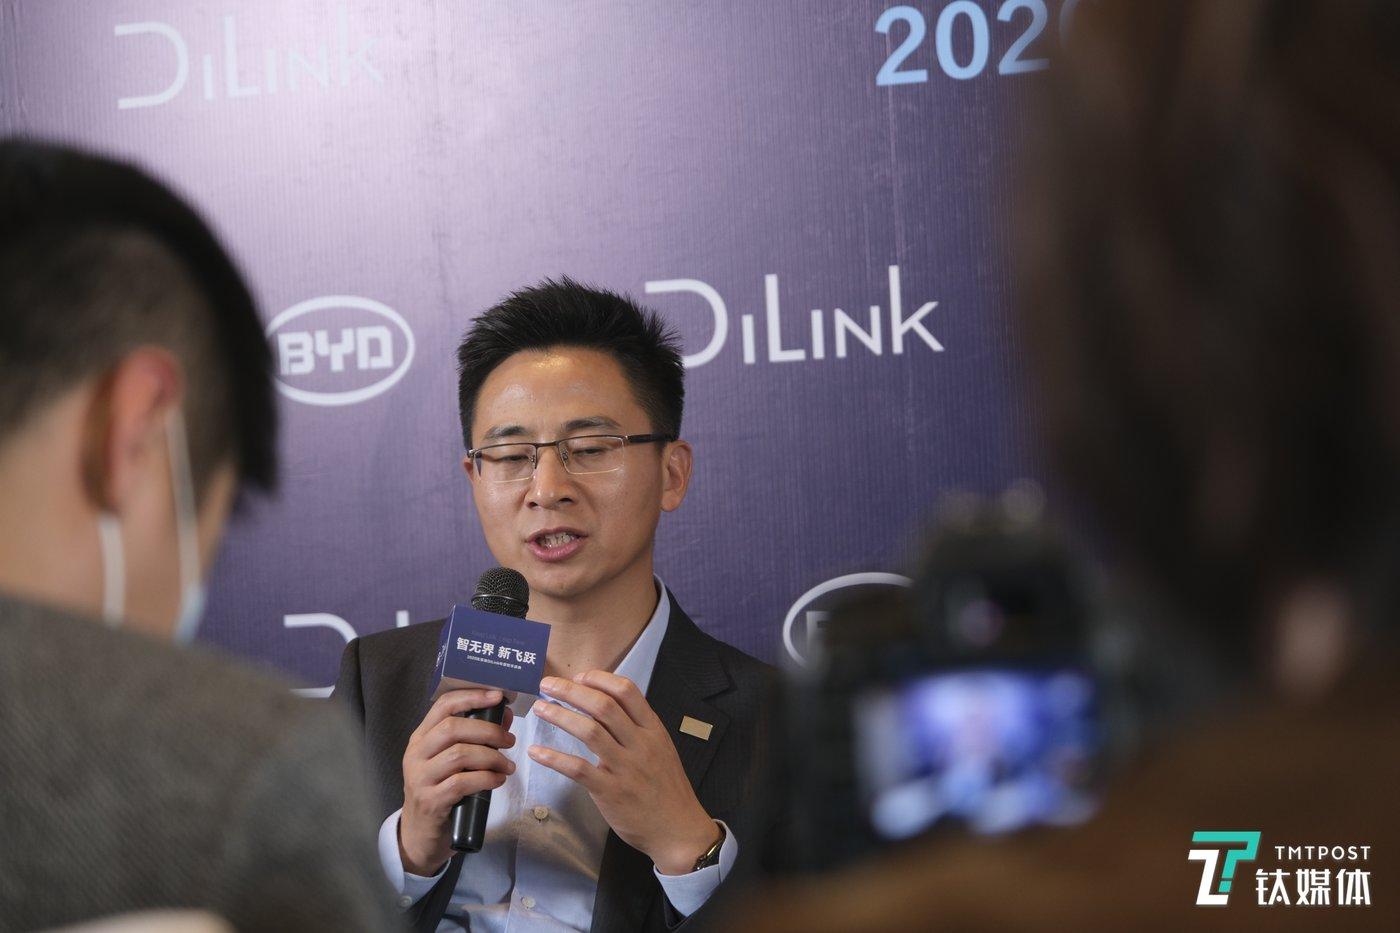 比亚迪产品规划及汽车新技术研究院院长杨冬生